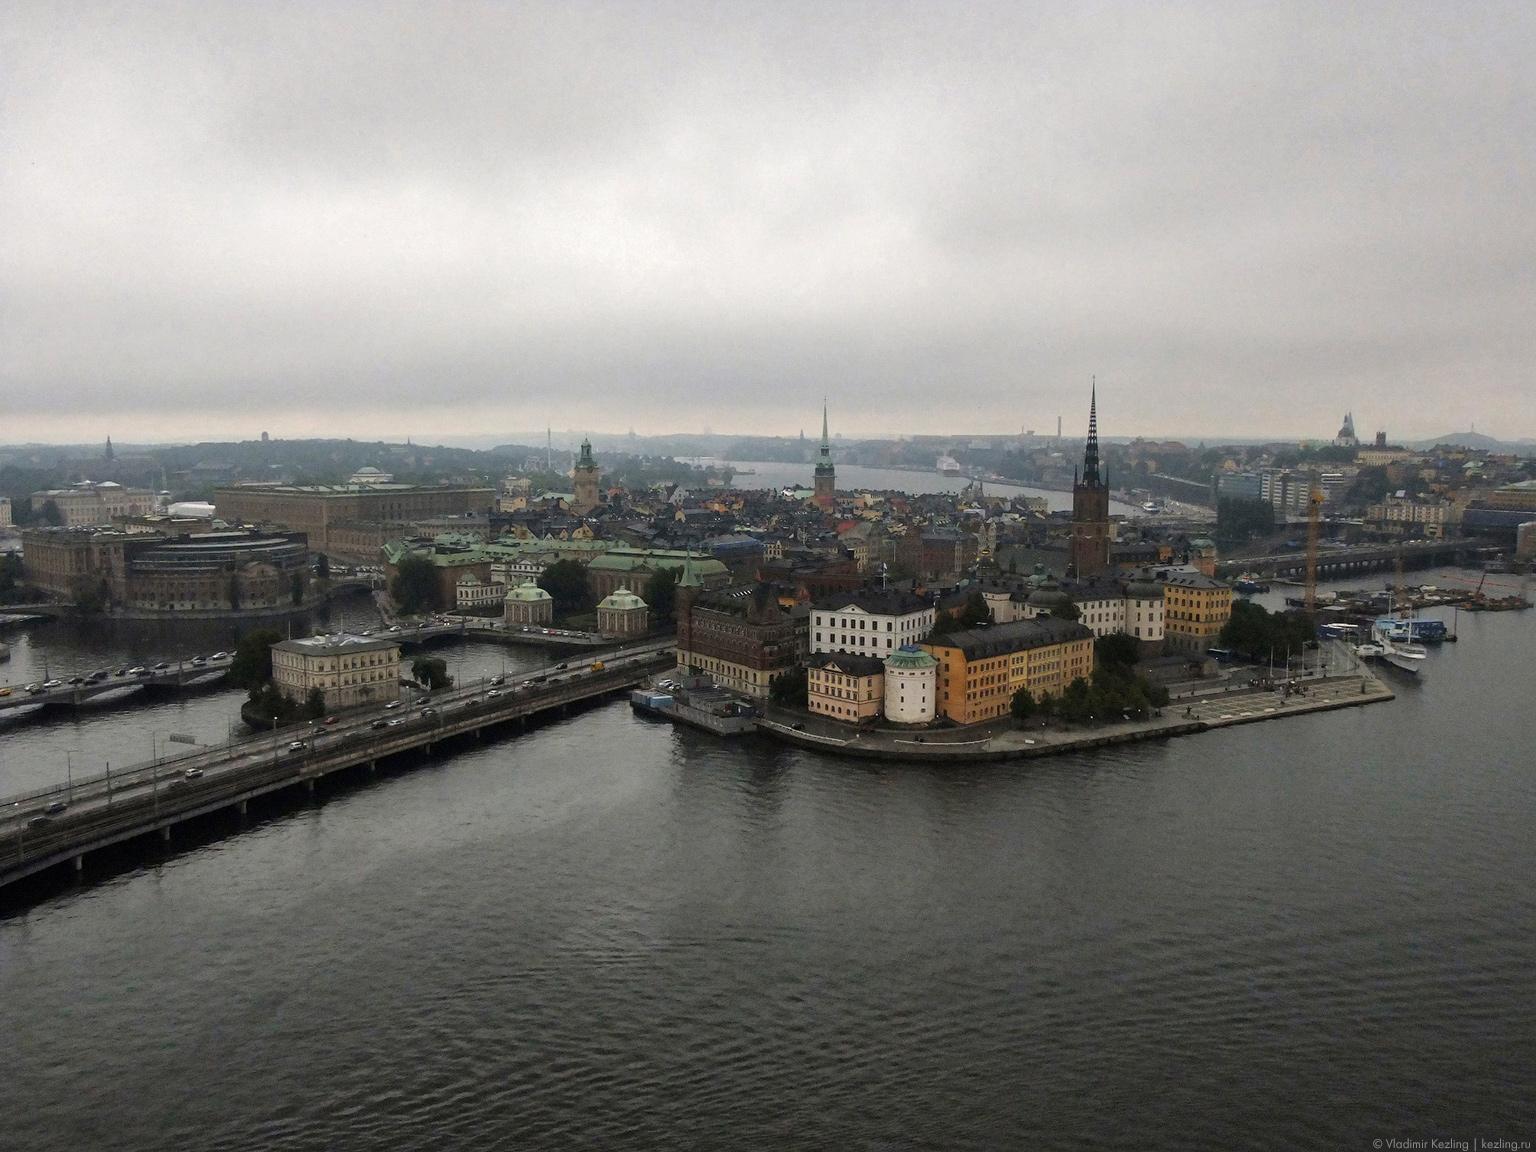 Трансбалтийский вояж. Стокгольм. Взгляд сверху